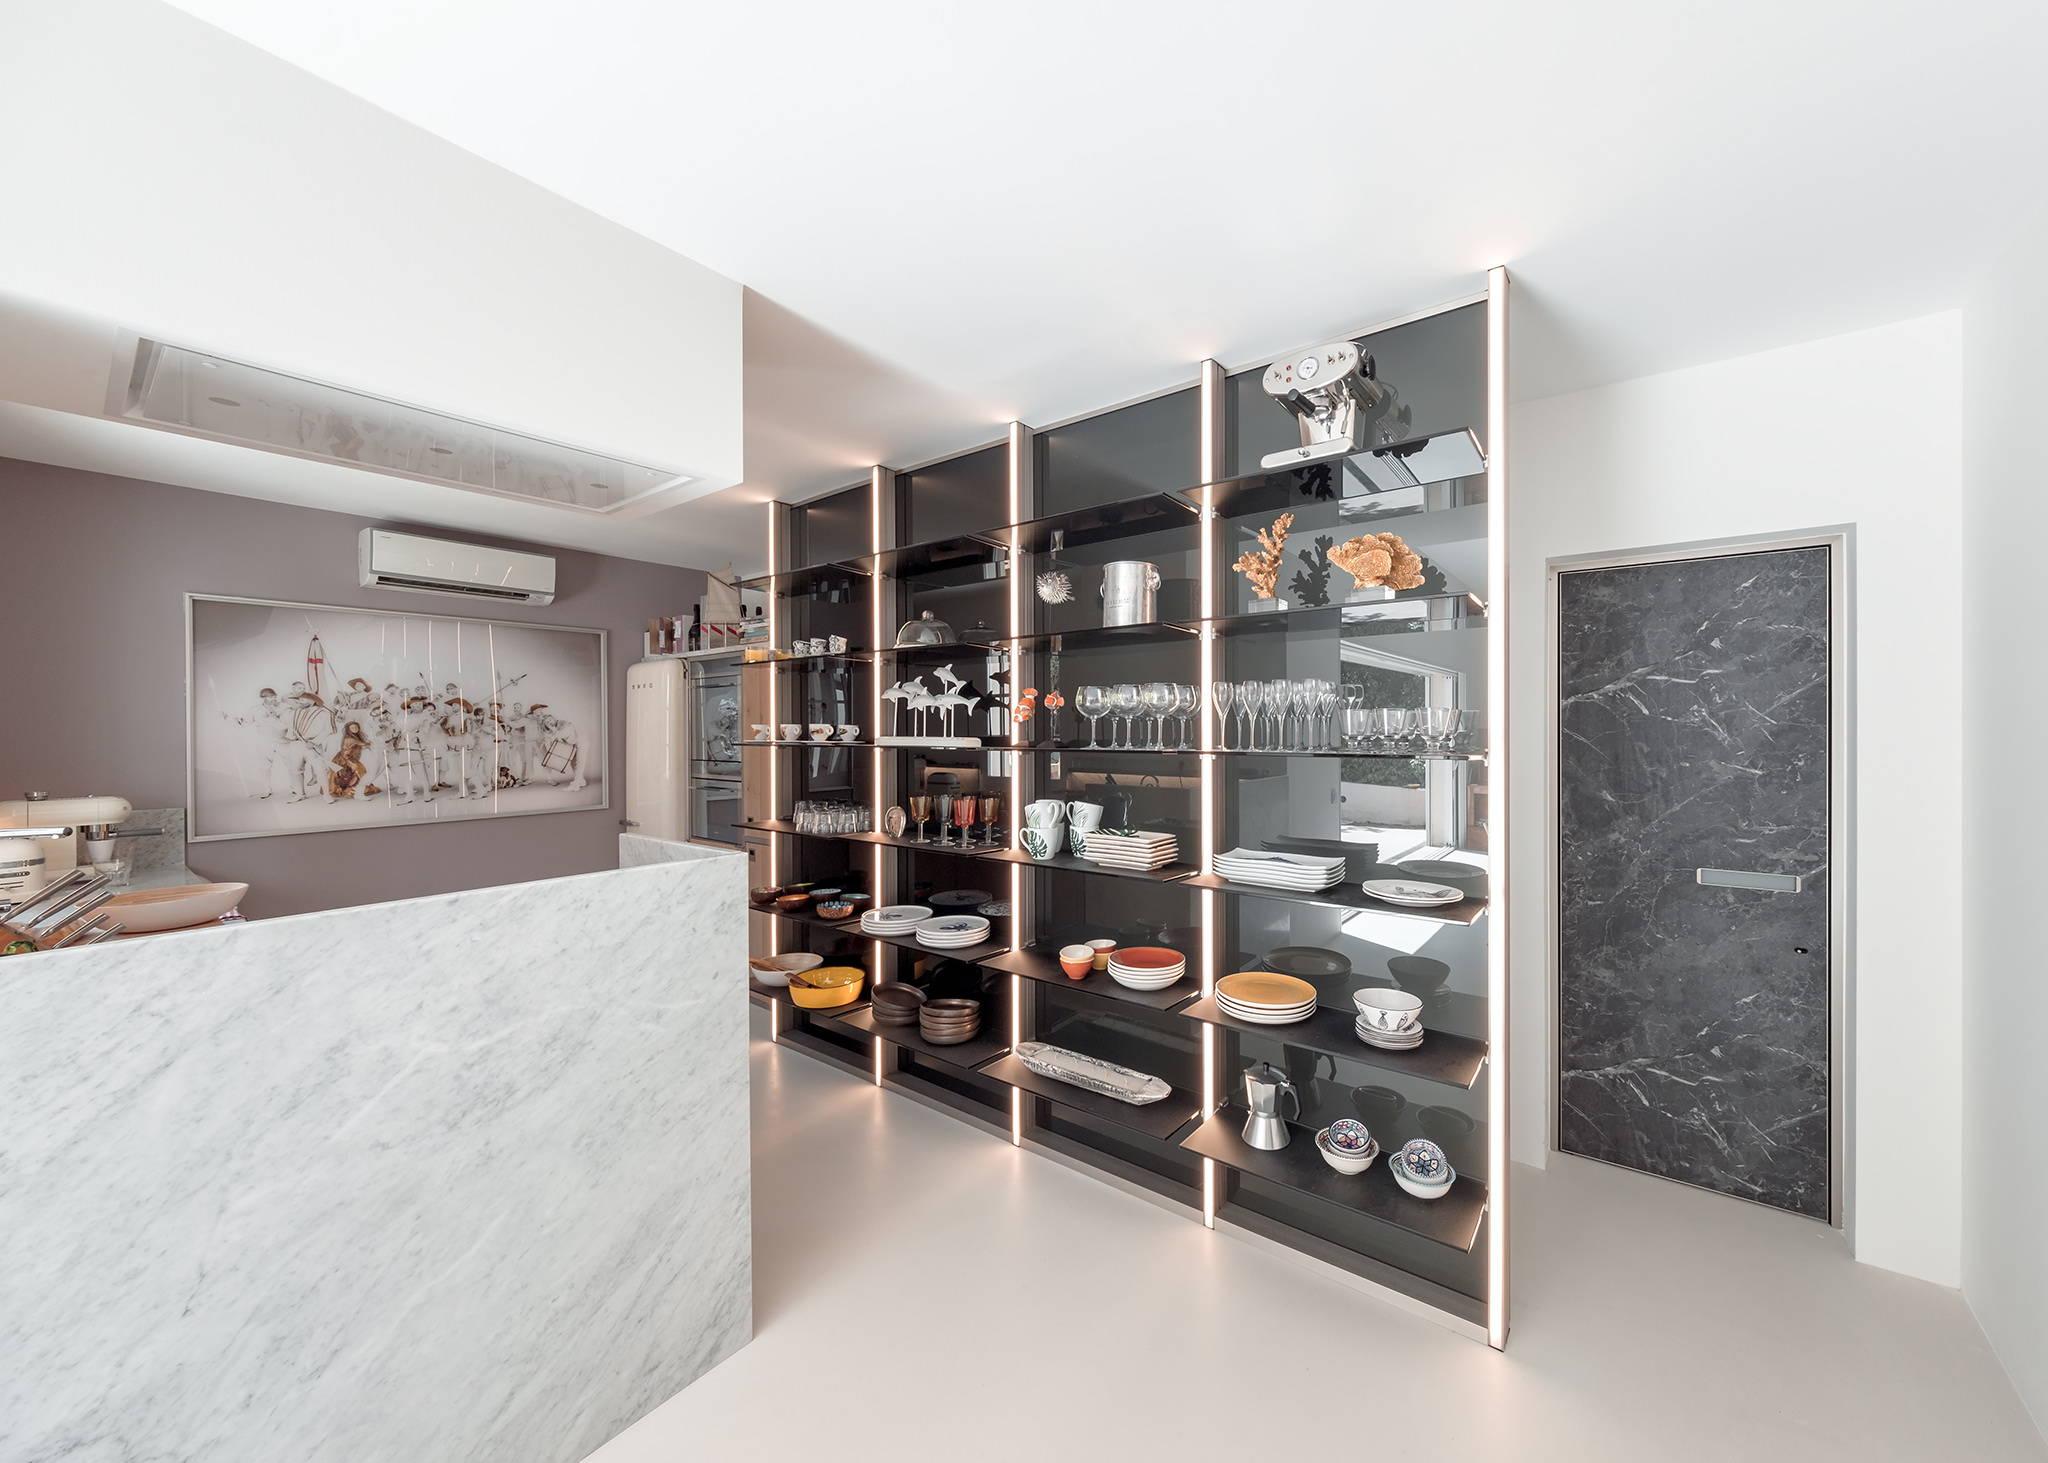 Glass kitchen arrangements